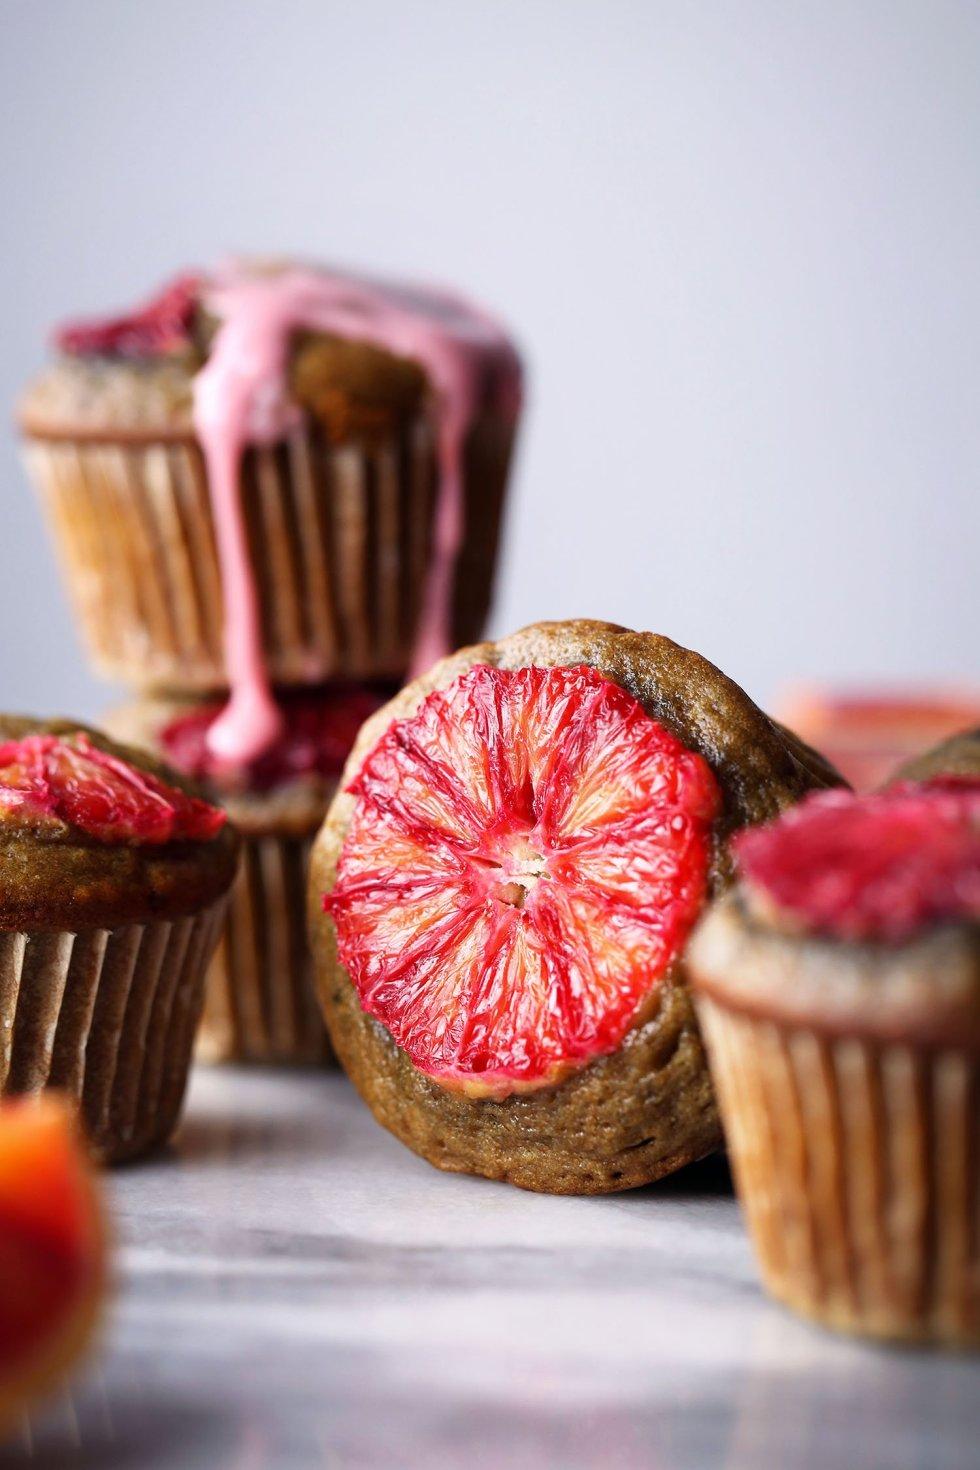 Blood Orange Spelt Muffins | Free of gluten, dairy, eggs, and refined sugar | Vegan friendly